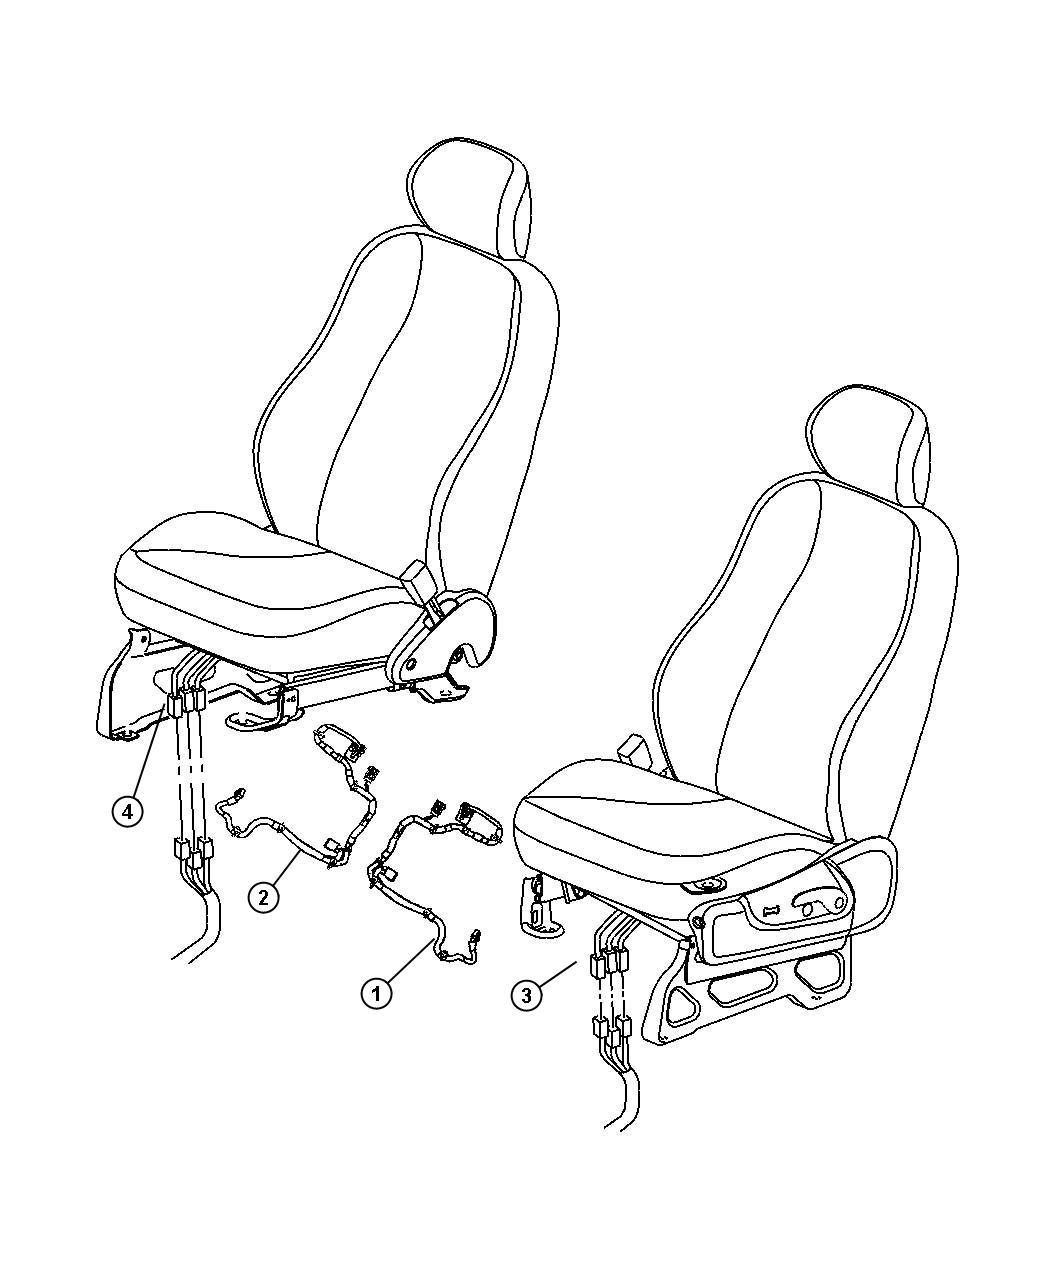 Dodge NITRO Wiring. Seat. Tag #01729625aa, tagged 1729625